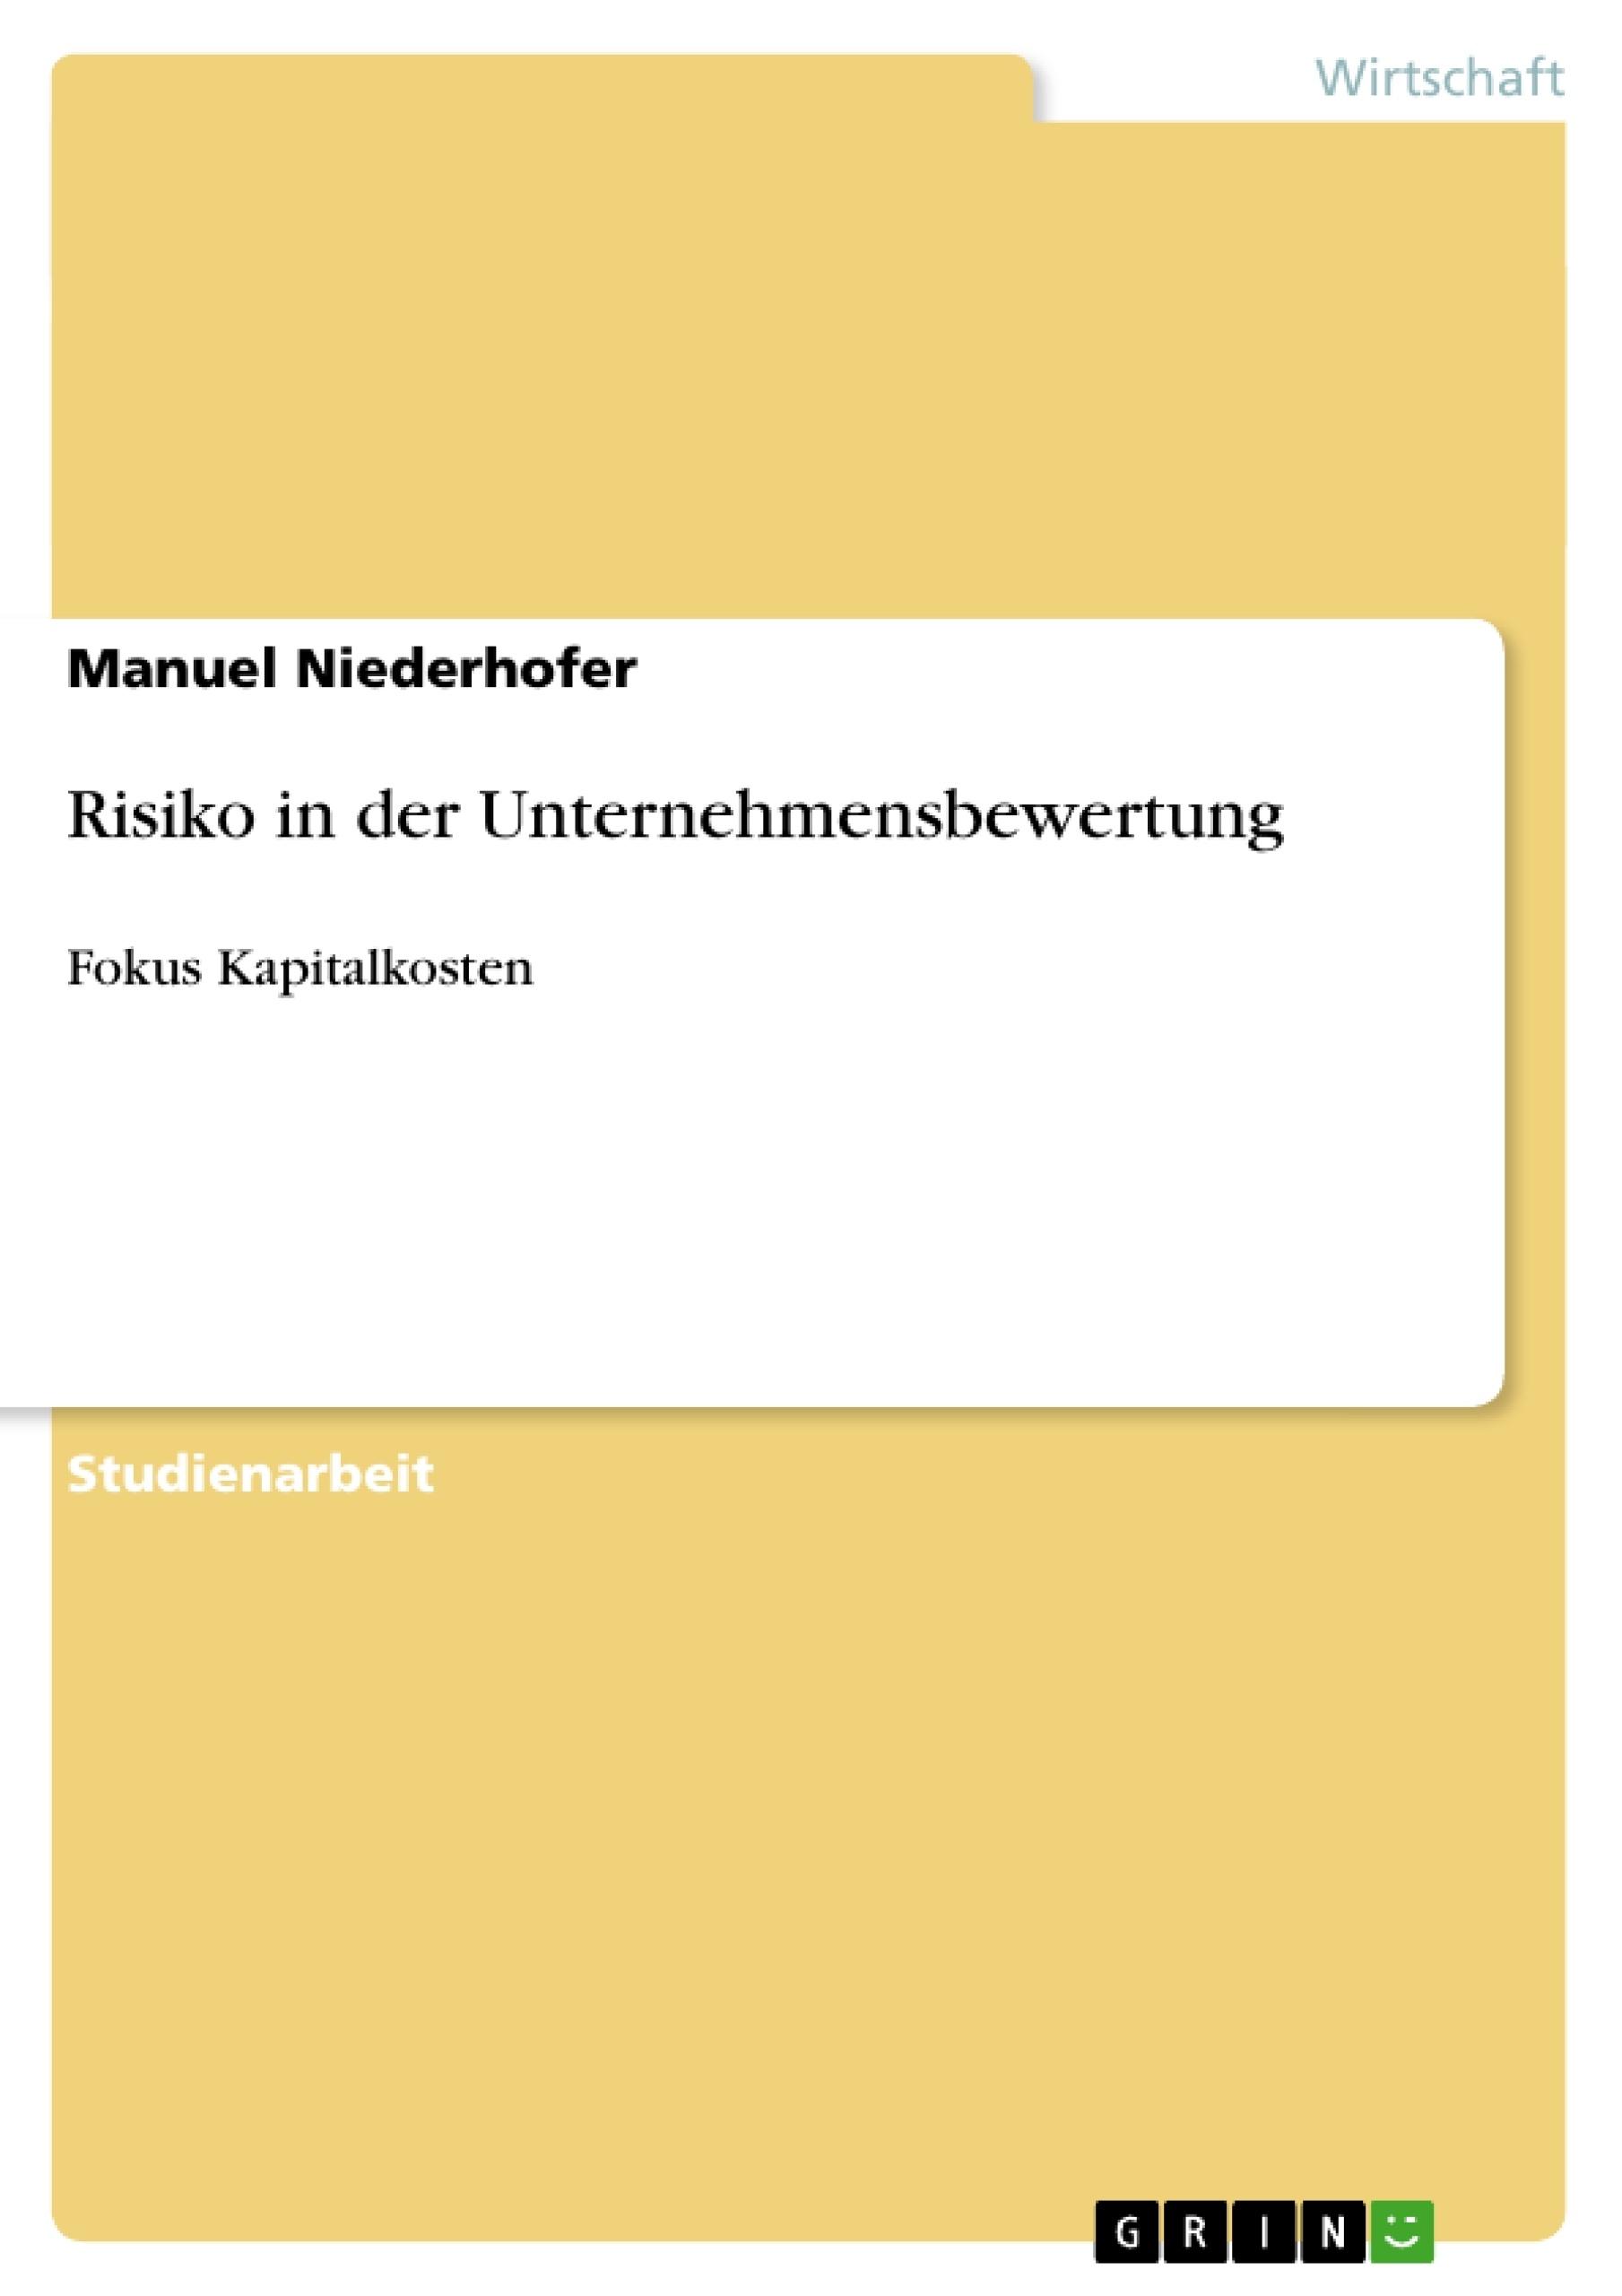 Titel: Risiko in der Unternehmensbewertung